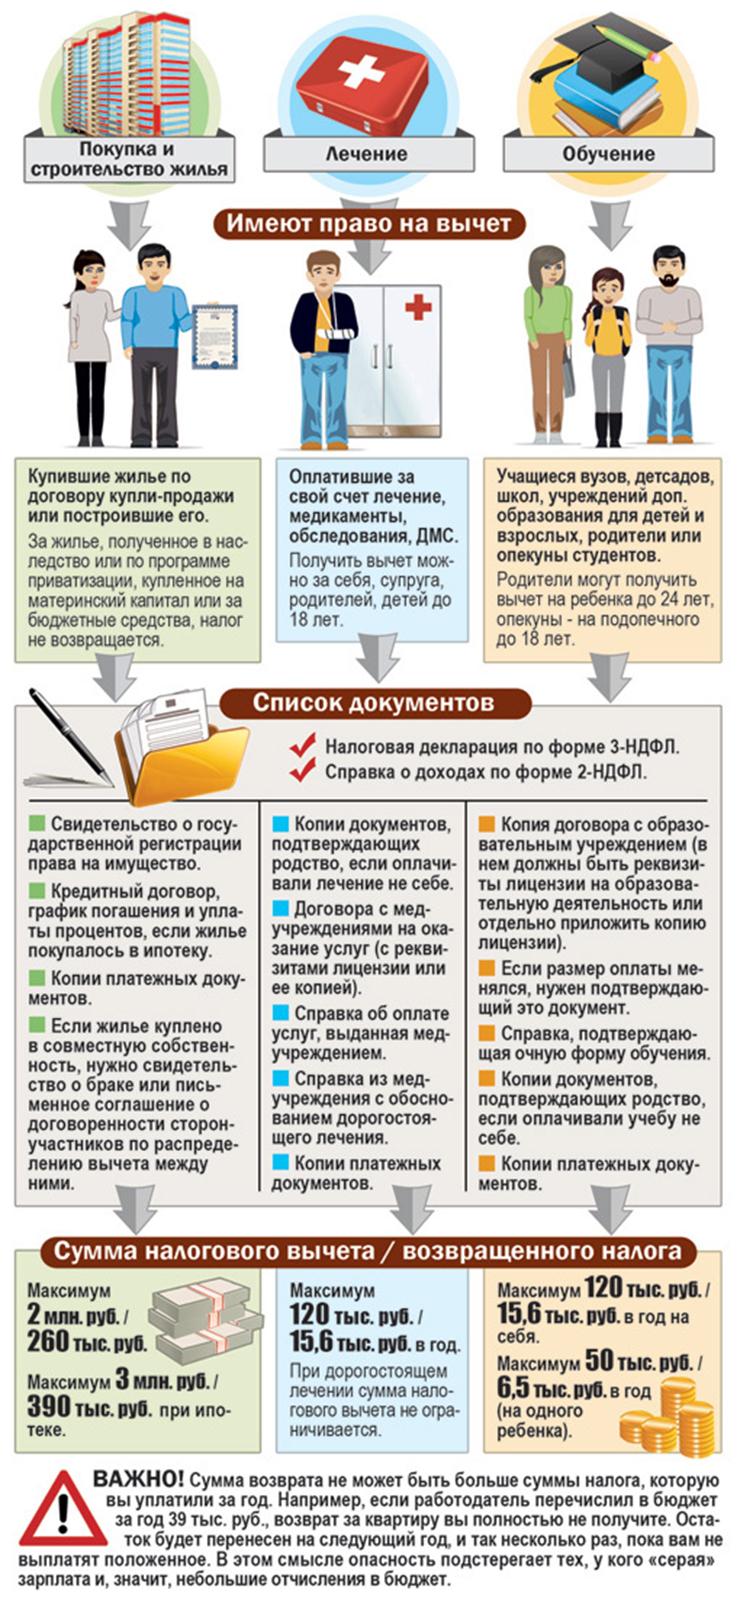 Виды налогового вычета и необходимые документы